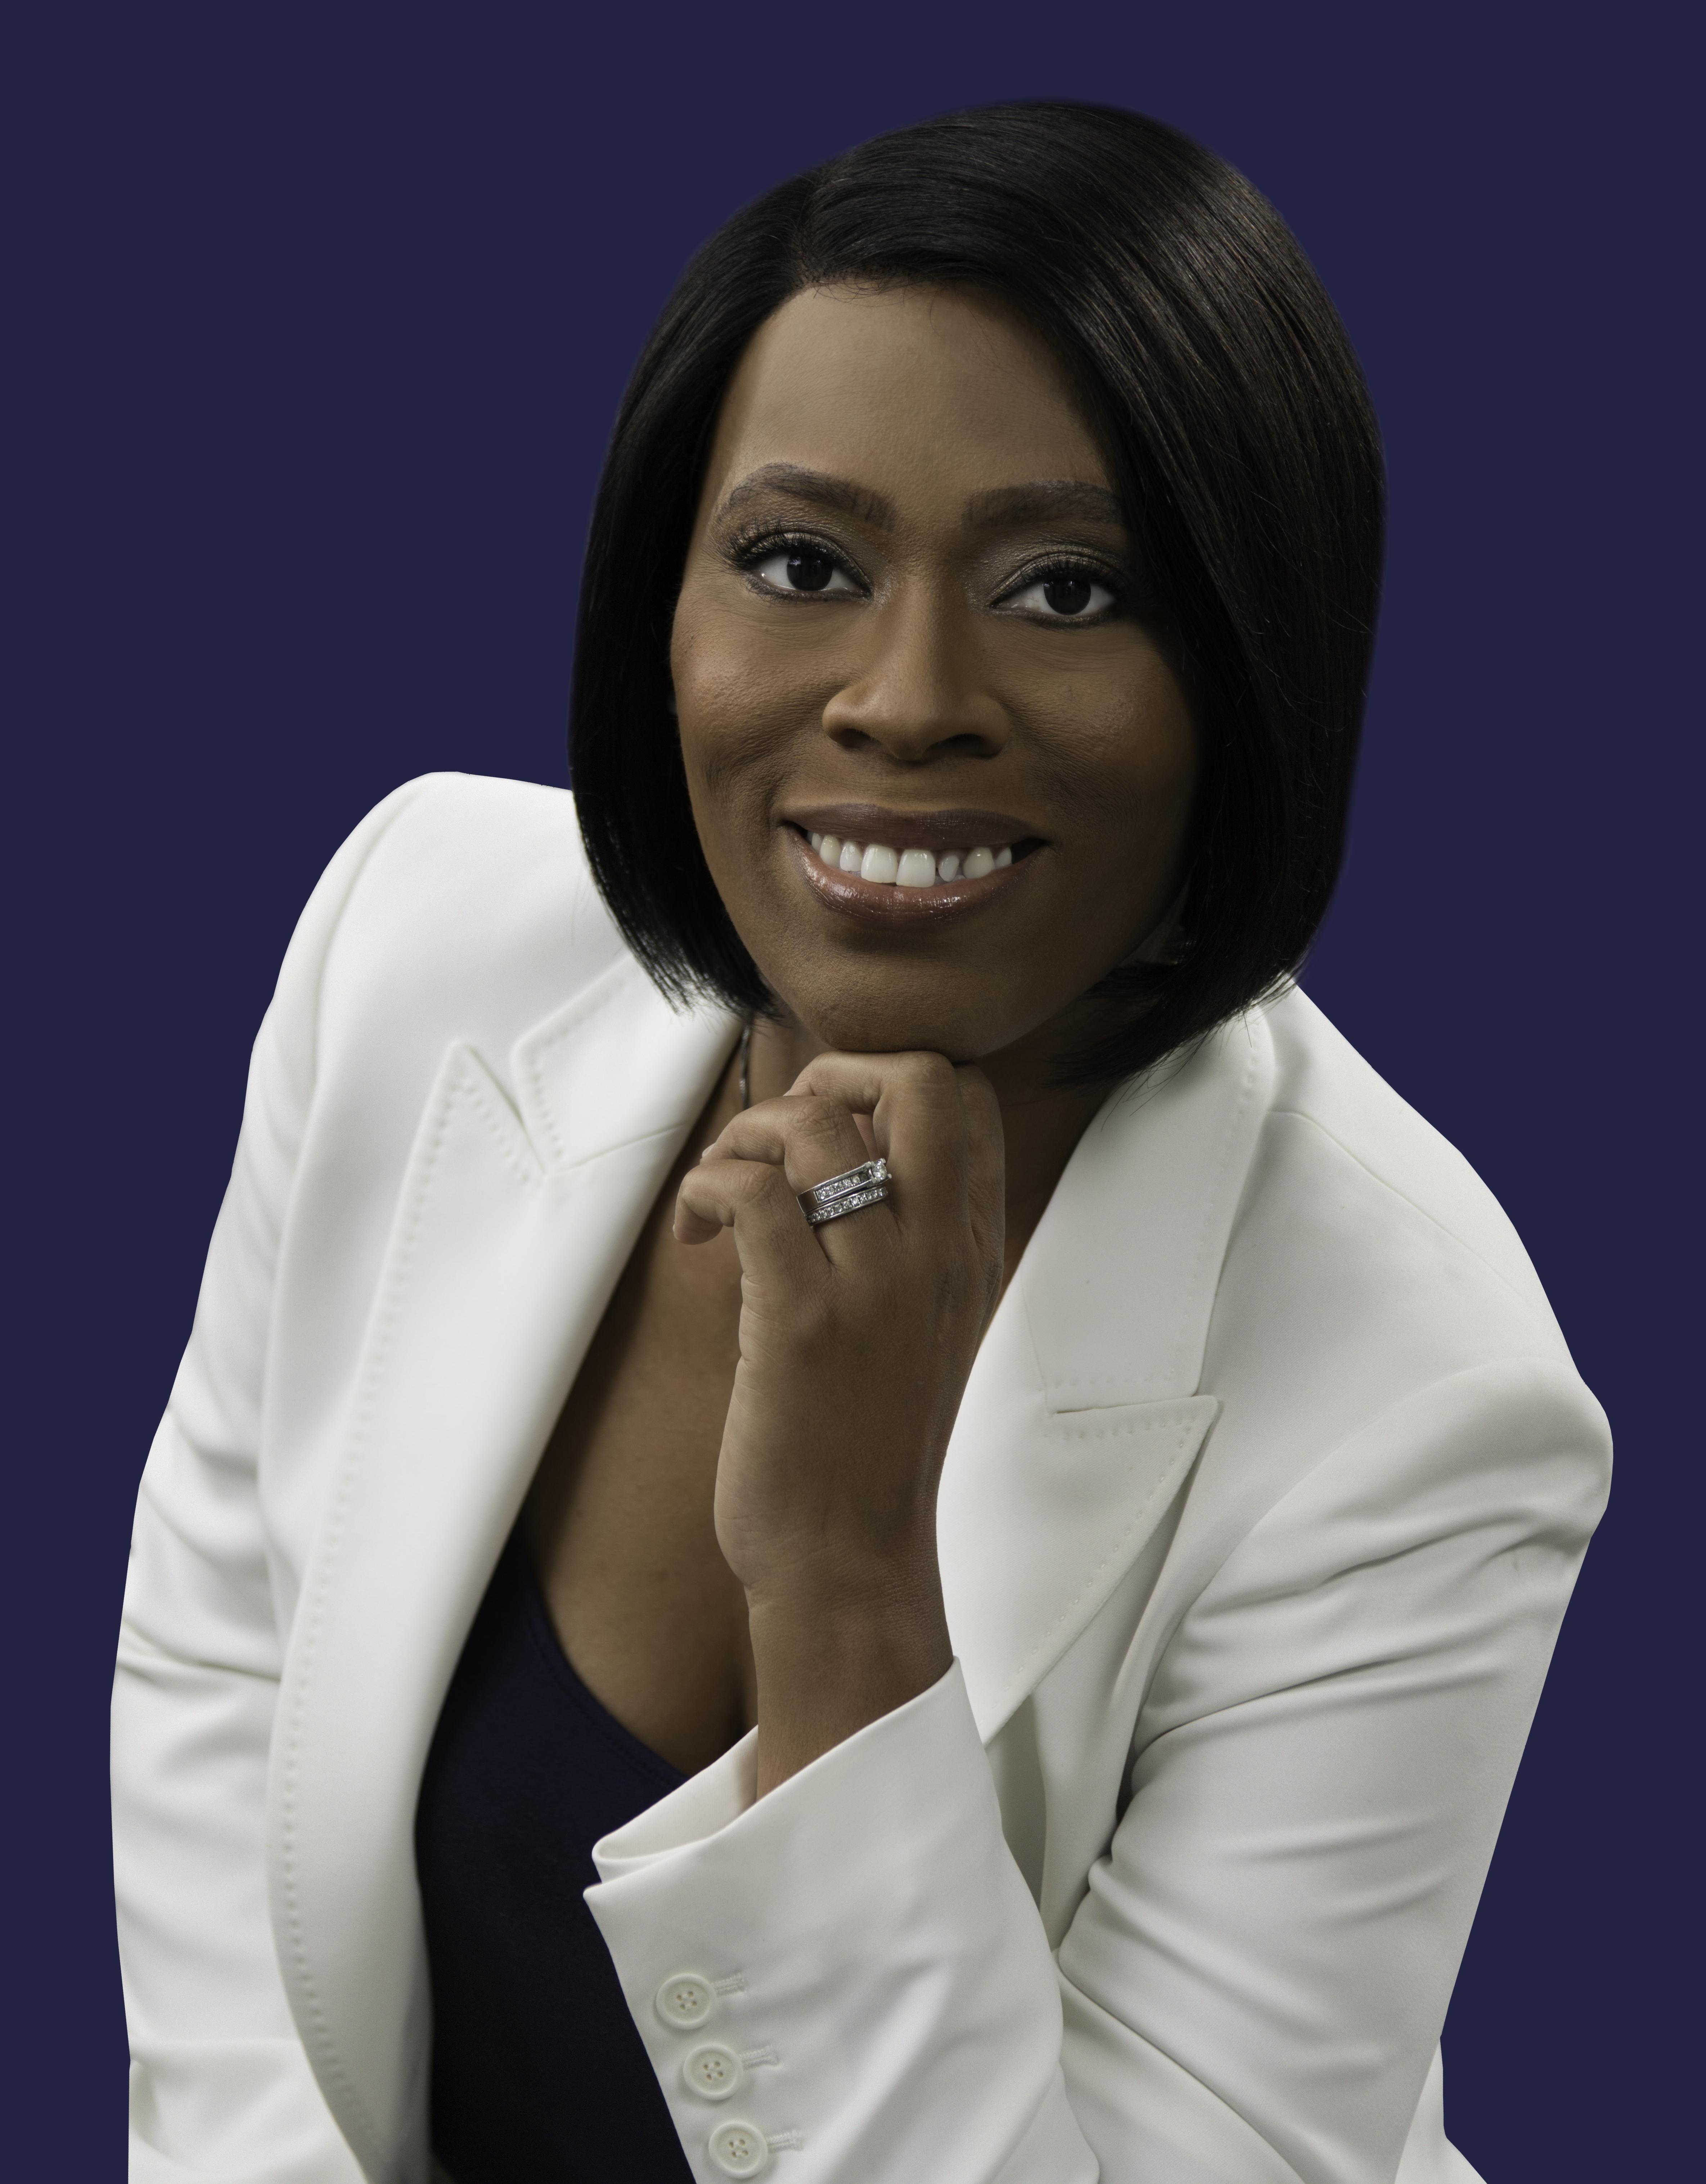 Monique Tunsill